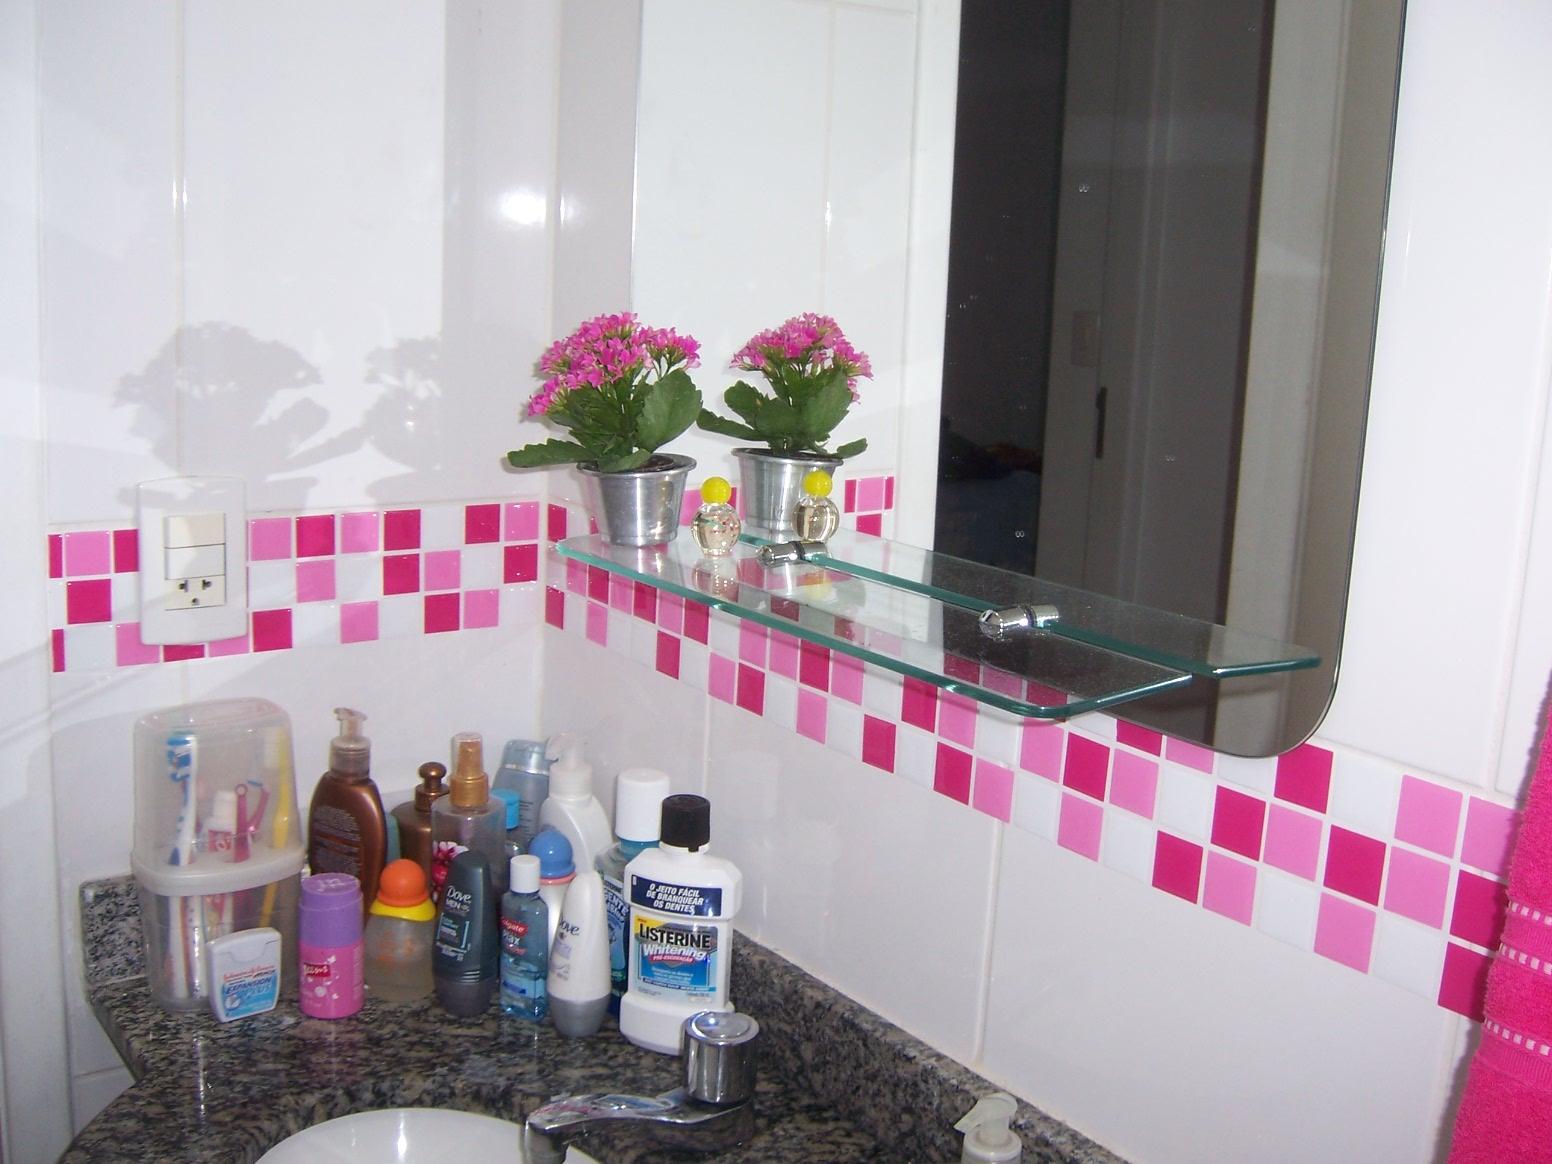 Casinha colorida: Reformando as paredes sem fazer obras – azulejos #A5265F 1552 1164